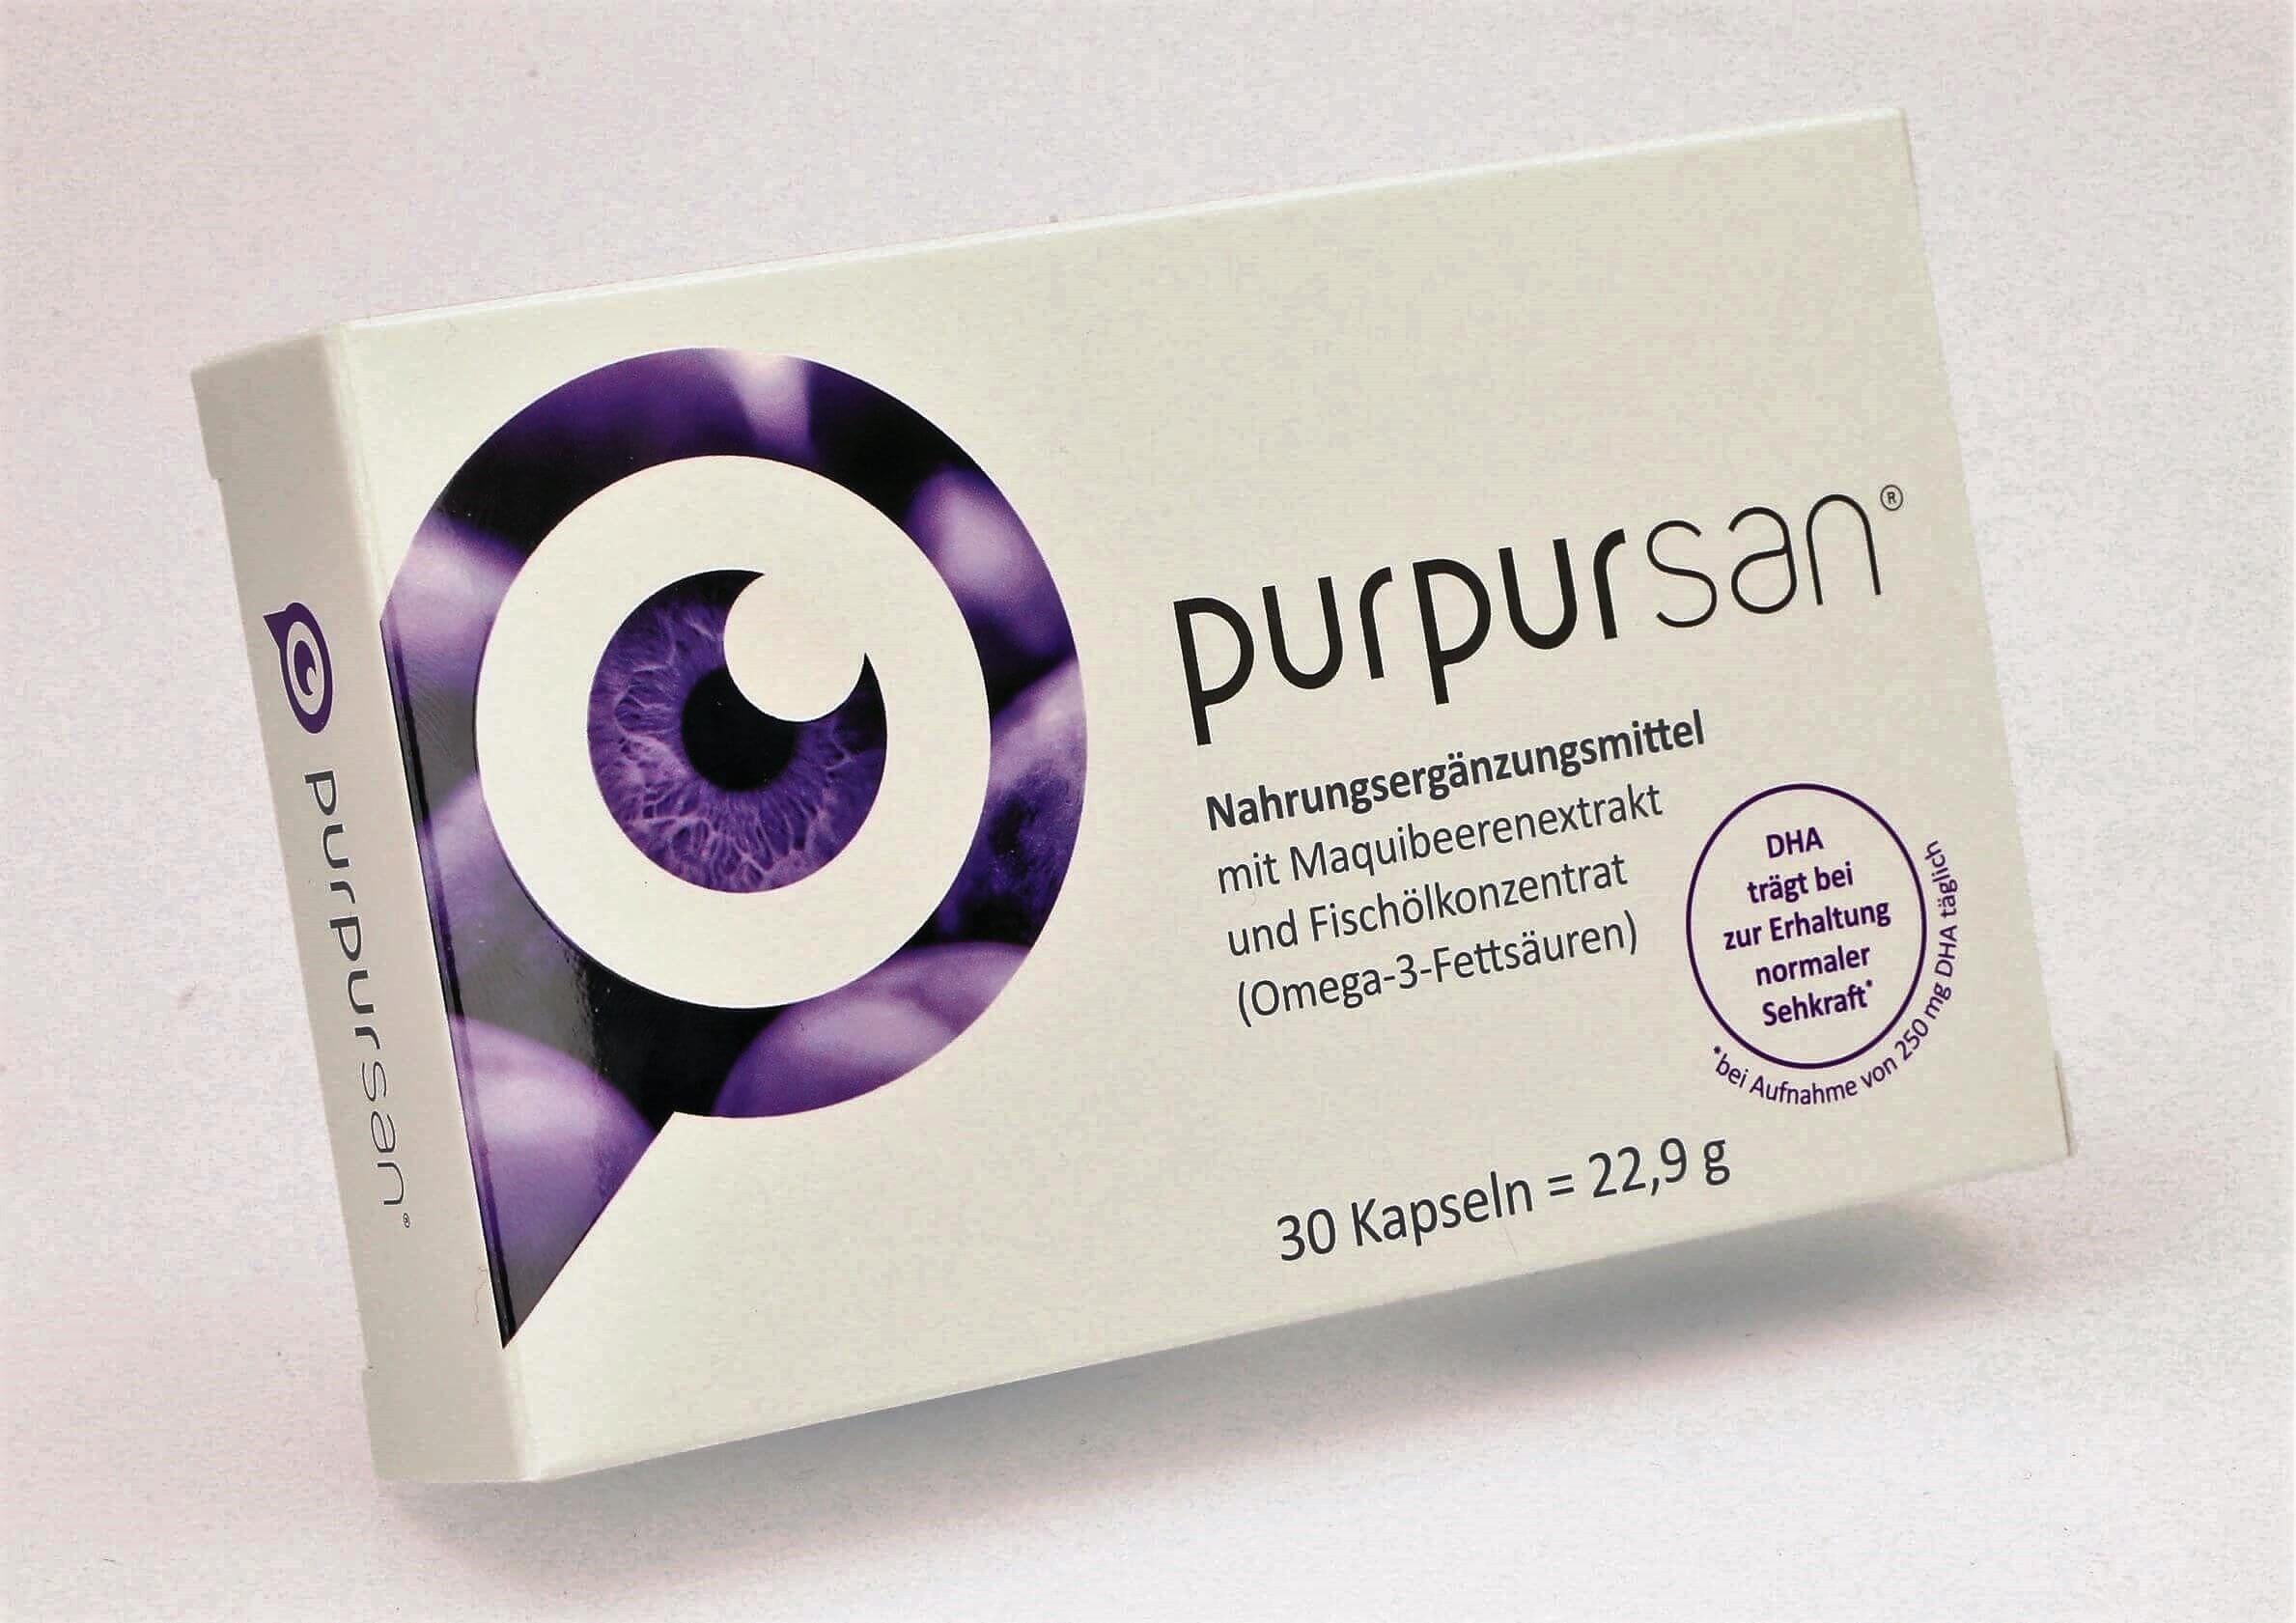 Purpursan1